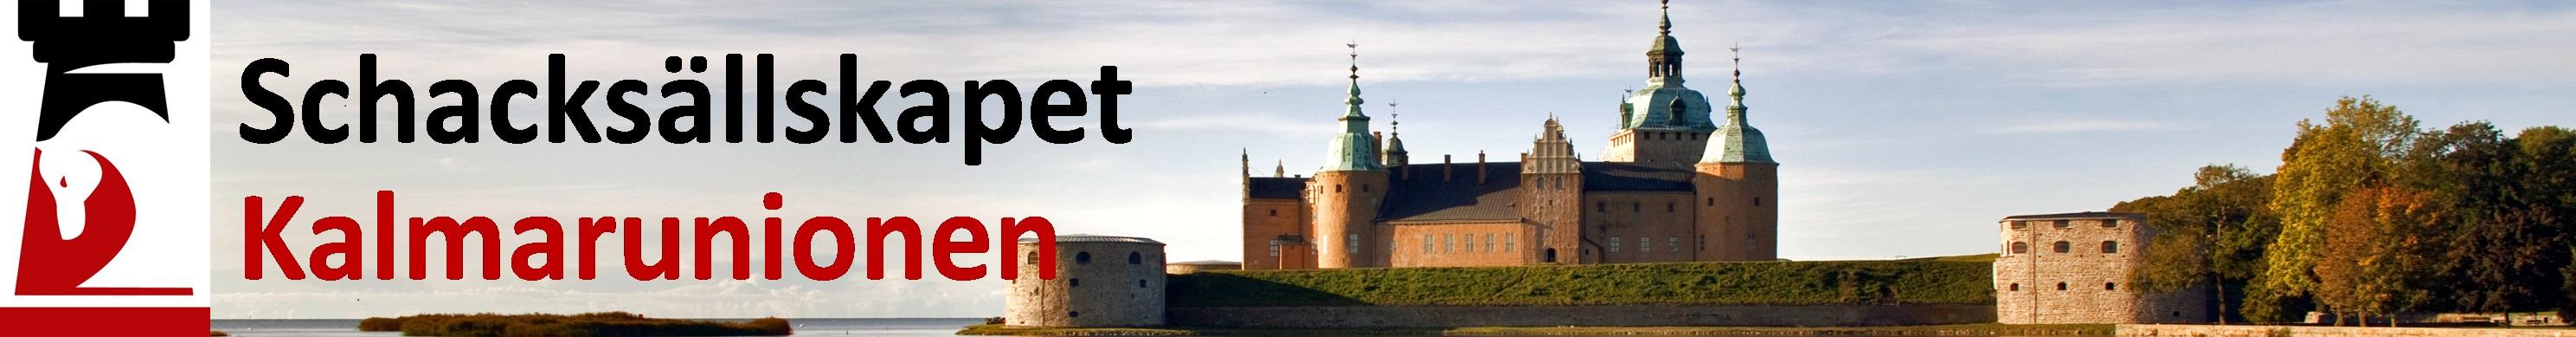 Schacksällskapet Kalmarunionen